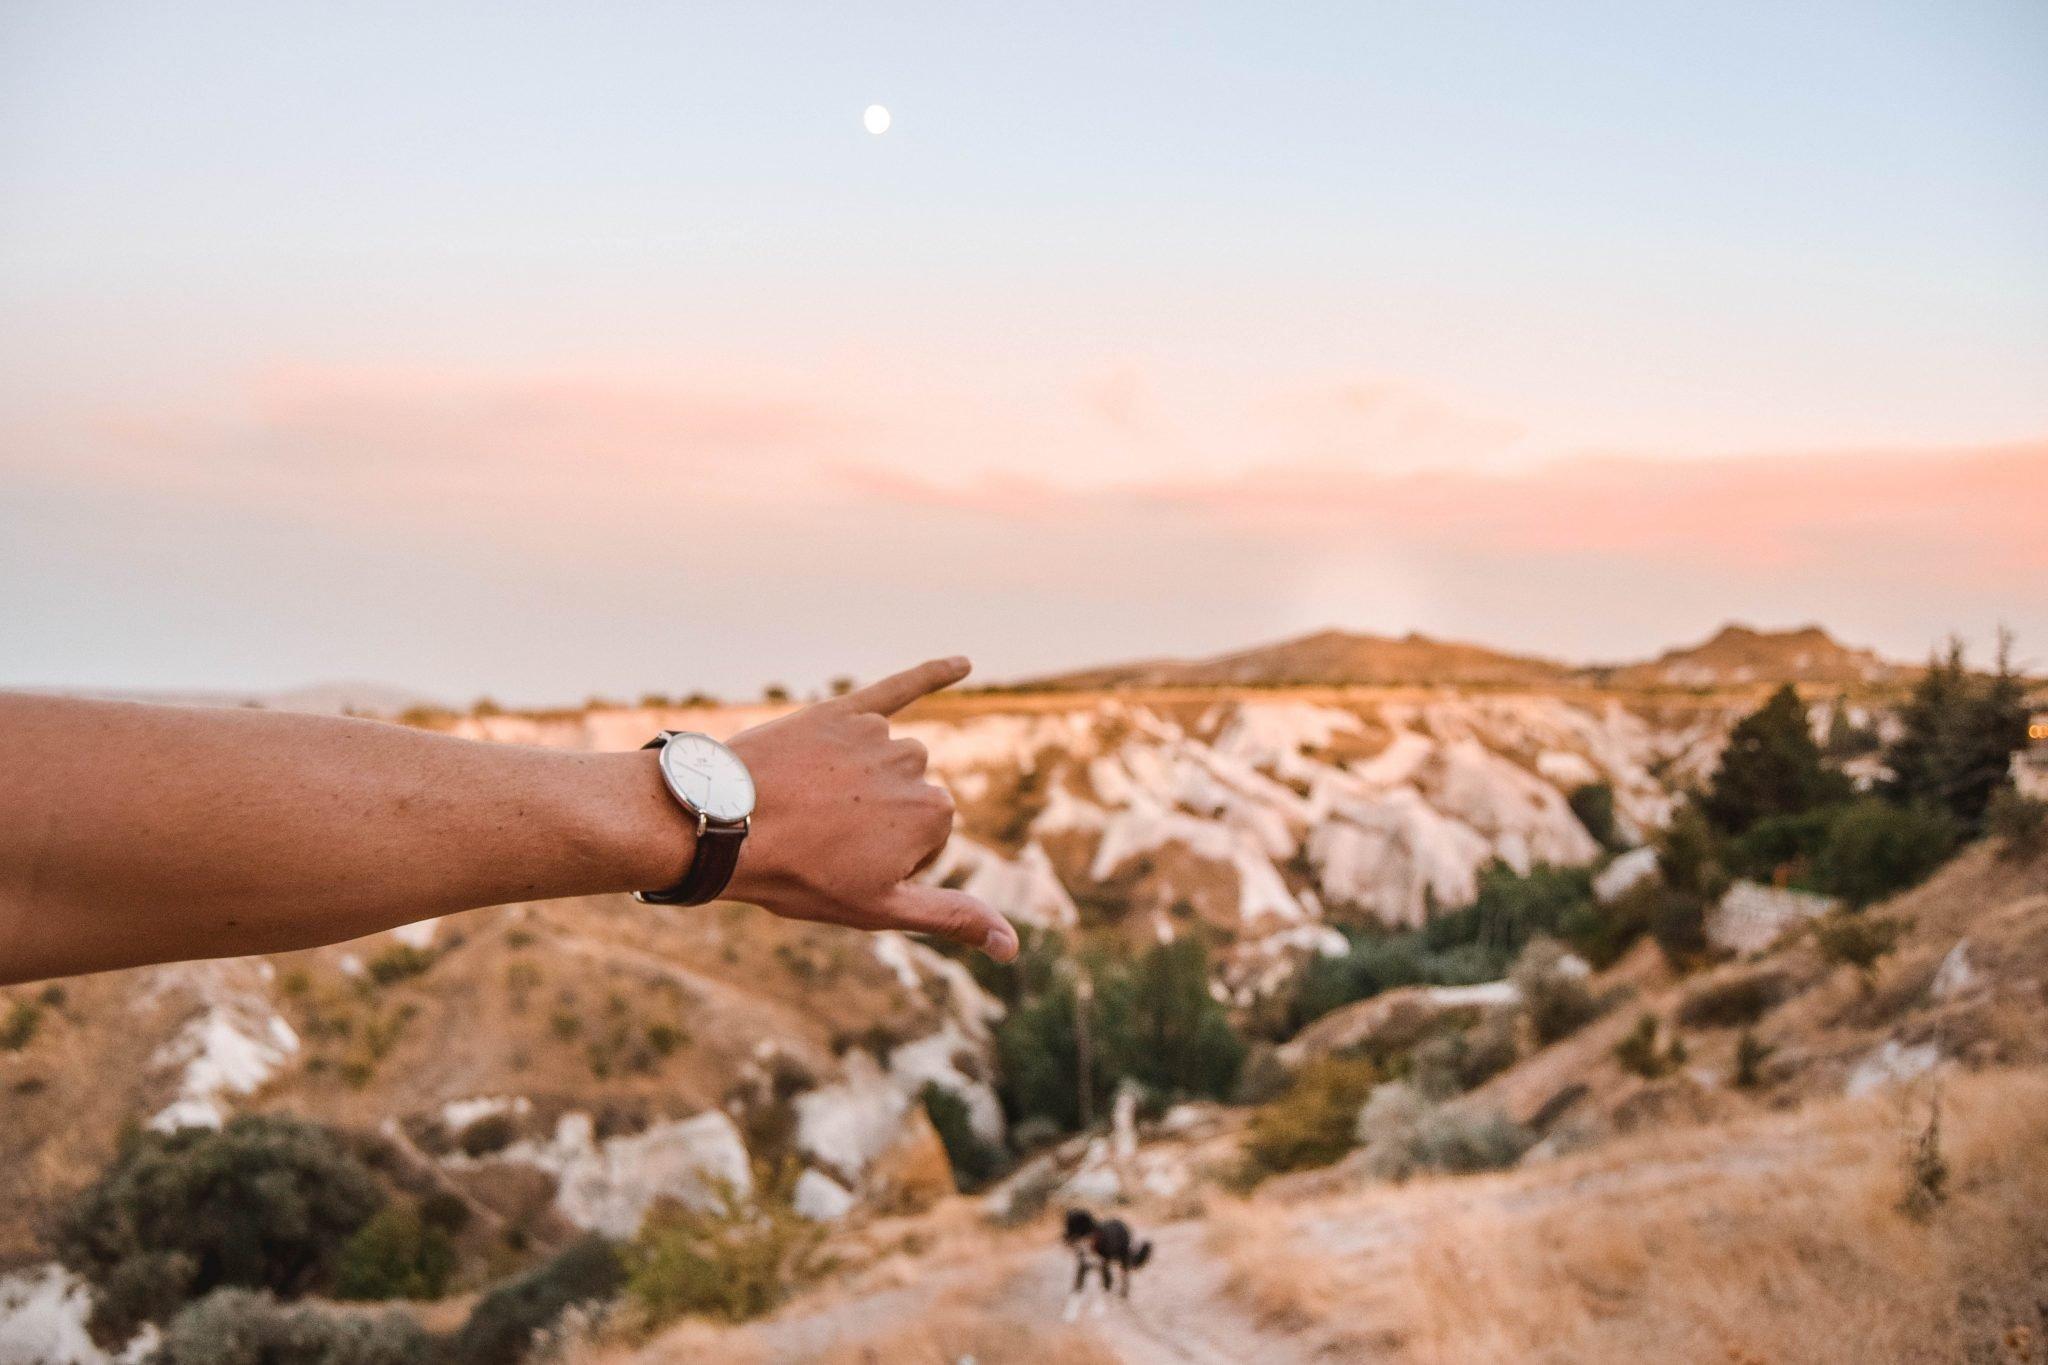 Pigeon Valley Cappadocia - Güvercinlik Vadisi Kapadokya - Guvercinlik Vadisi